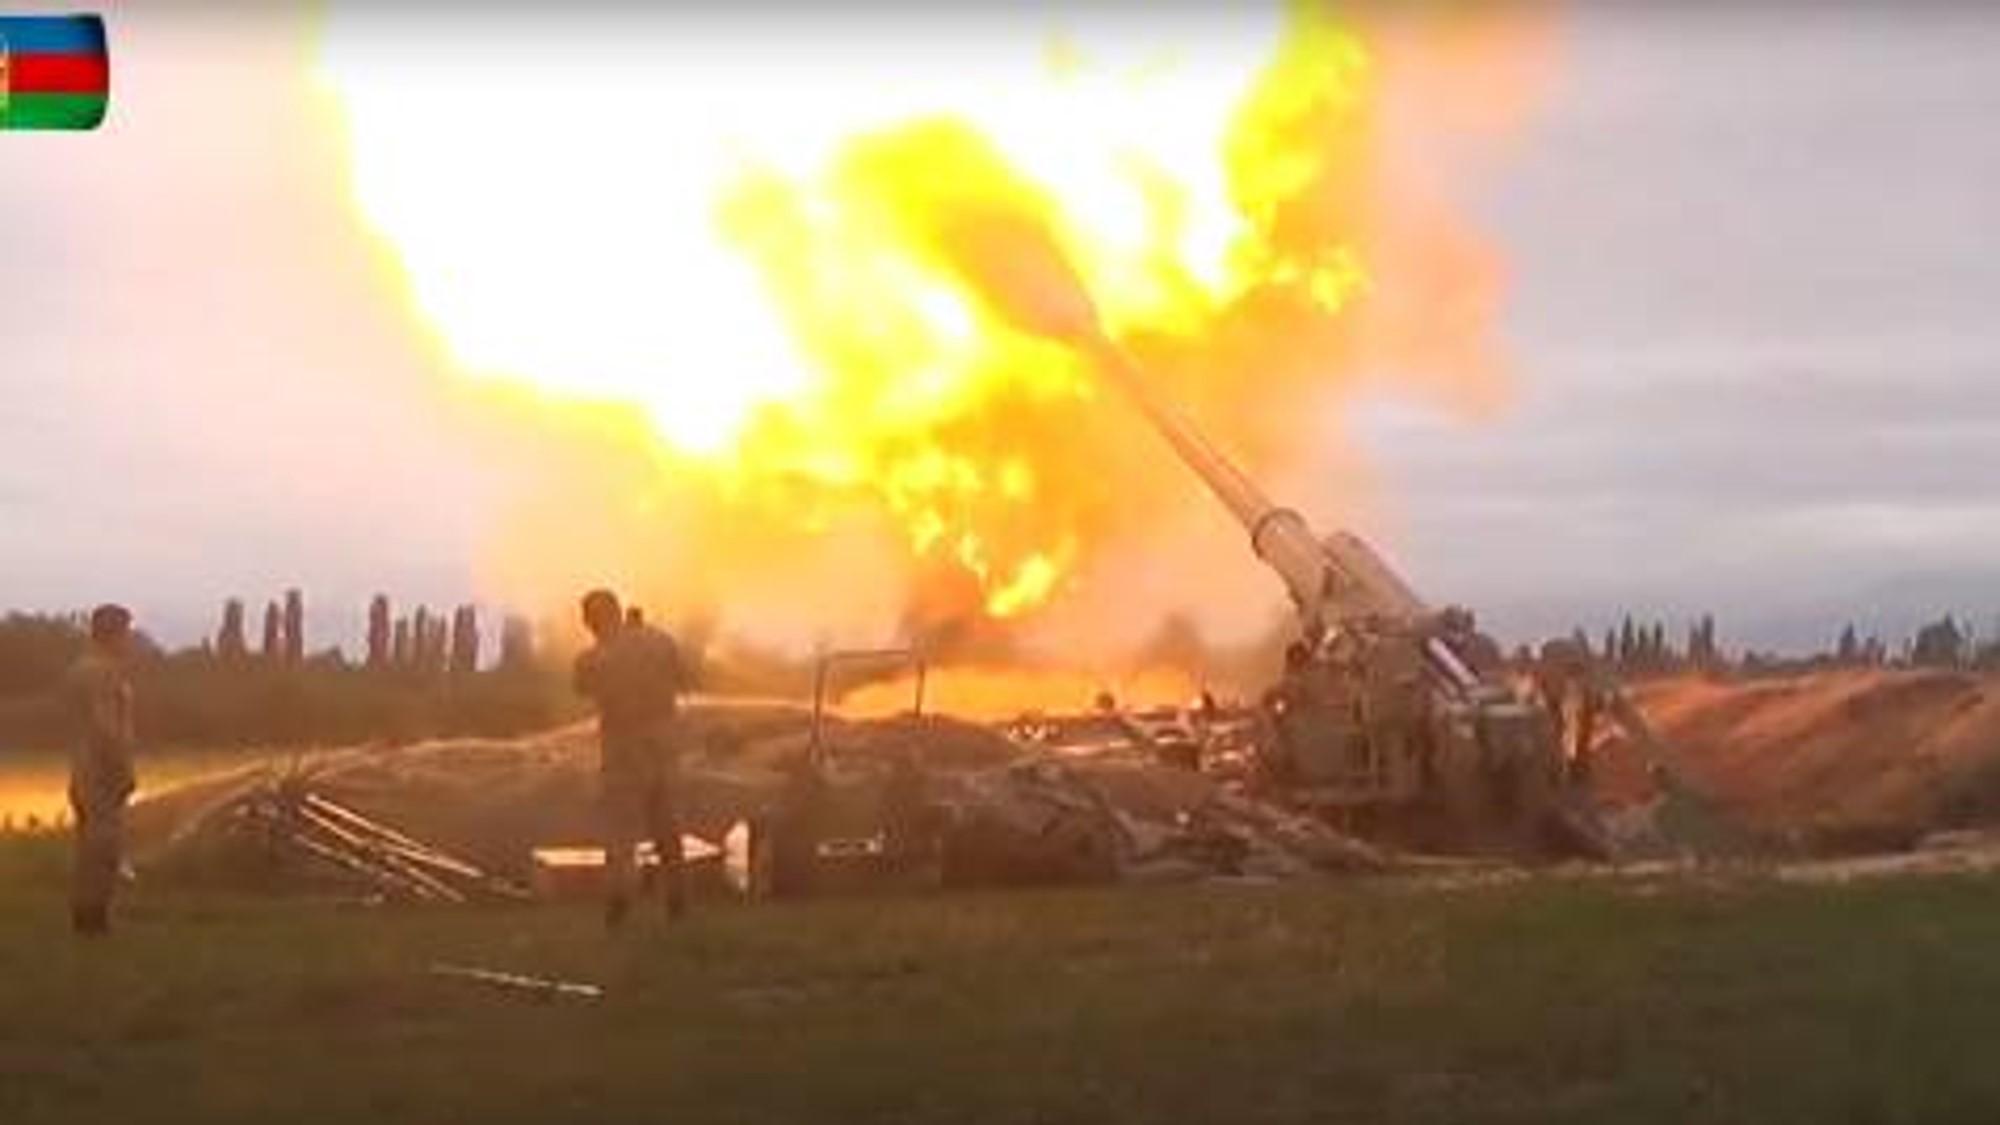 Conflicto de Nagorno-Karabaj: la población civil es la más afectada por el recrudecimiento de la violencia